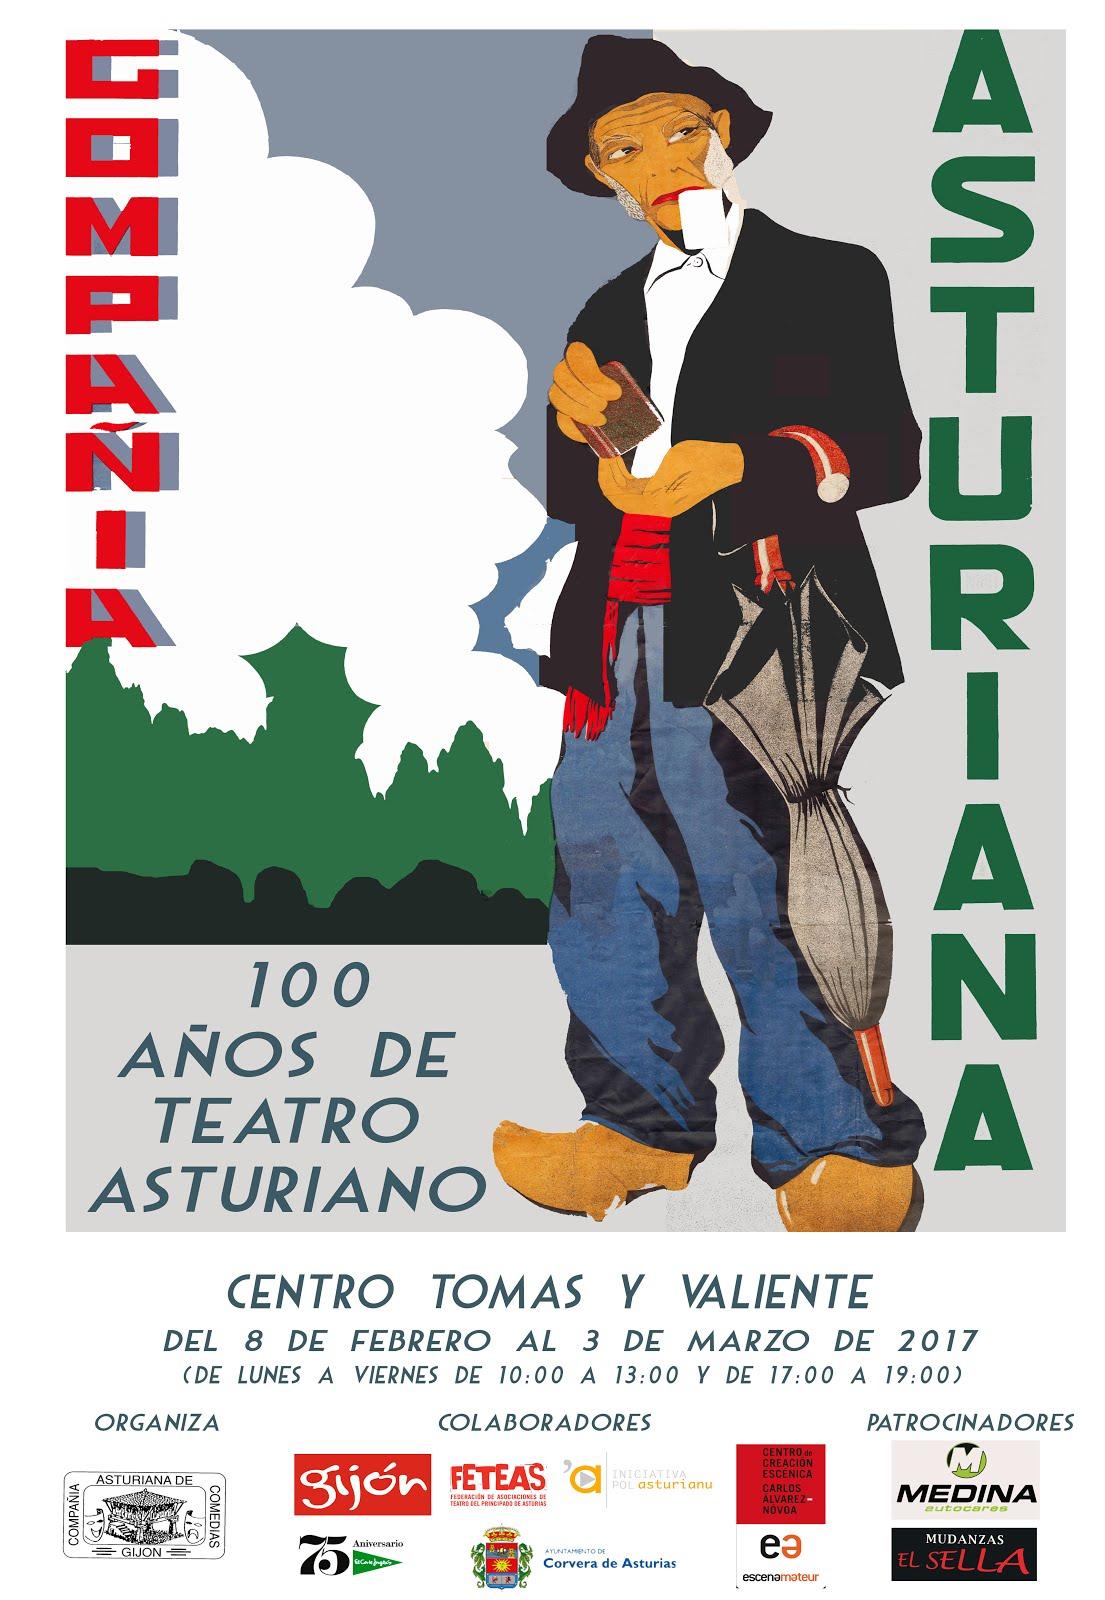 Compañia asturiana: 100 años de teatro asturiano. En Corvera